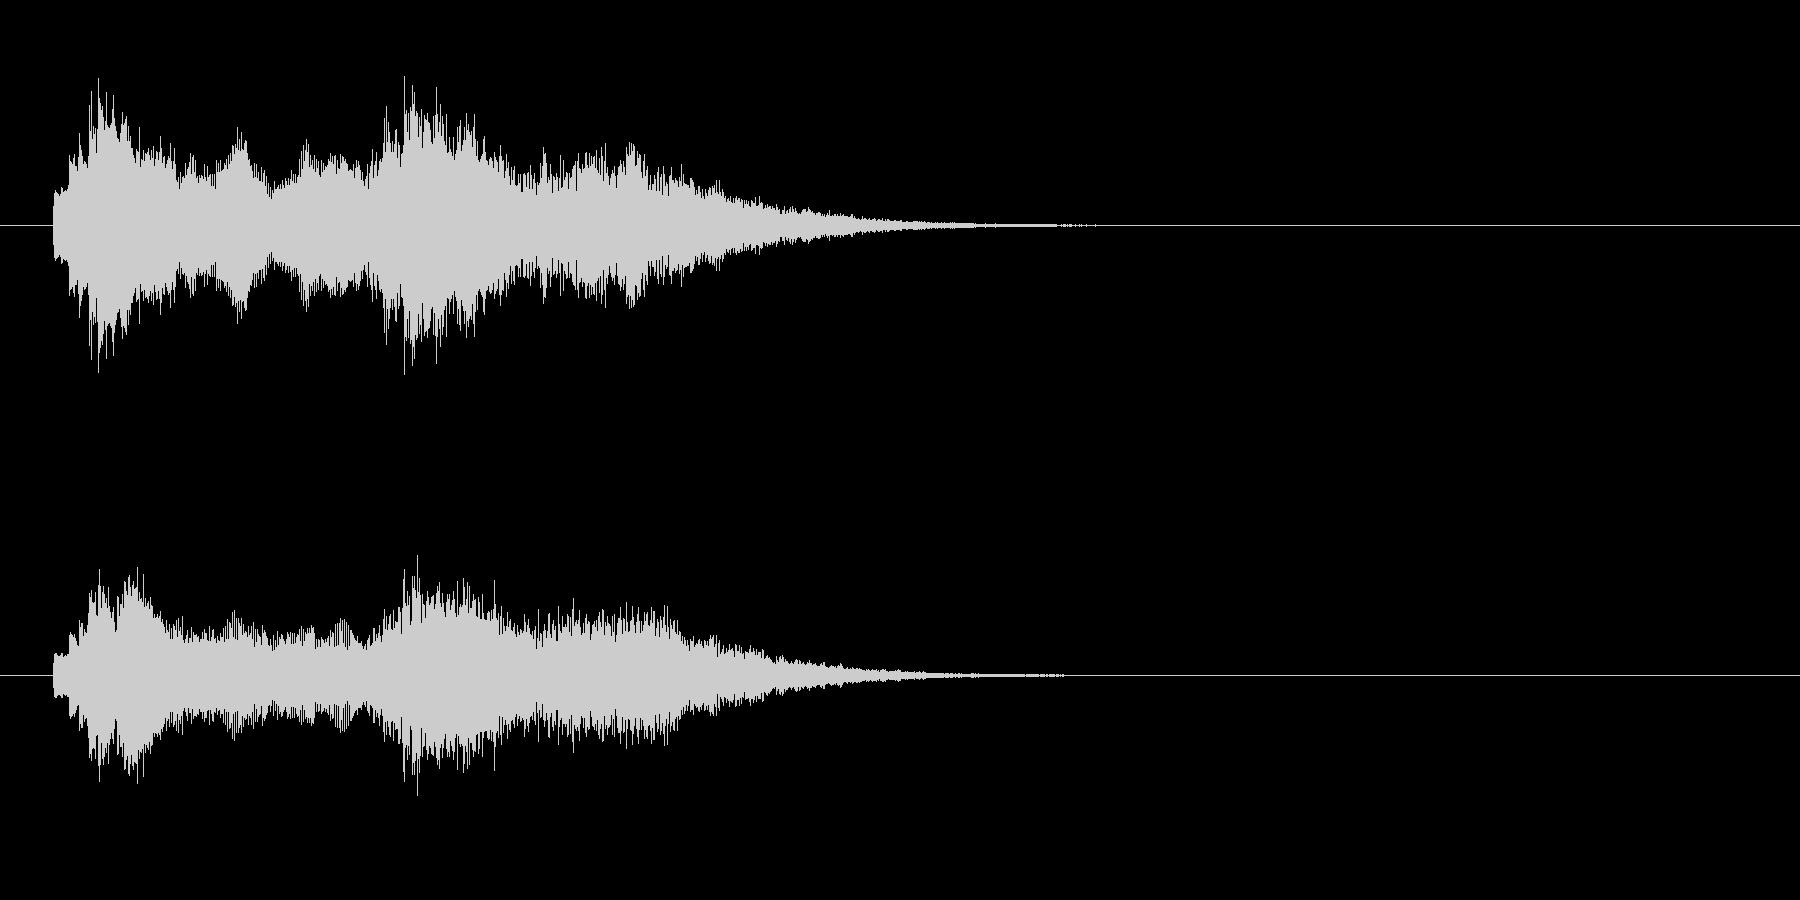 ジングル(アンビエンチック)の未再生の波形